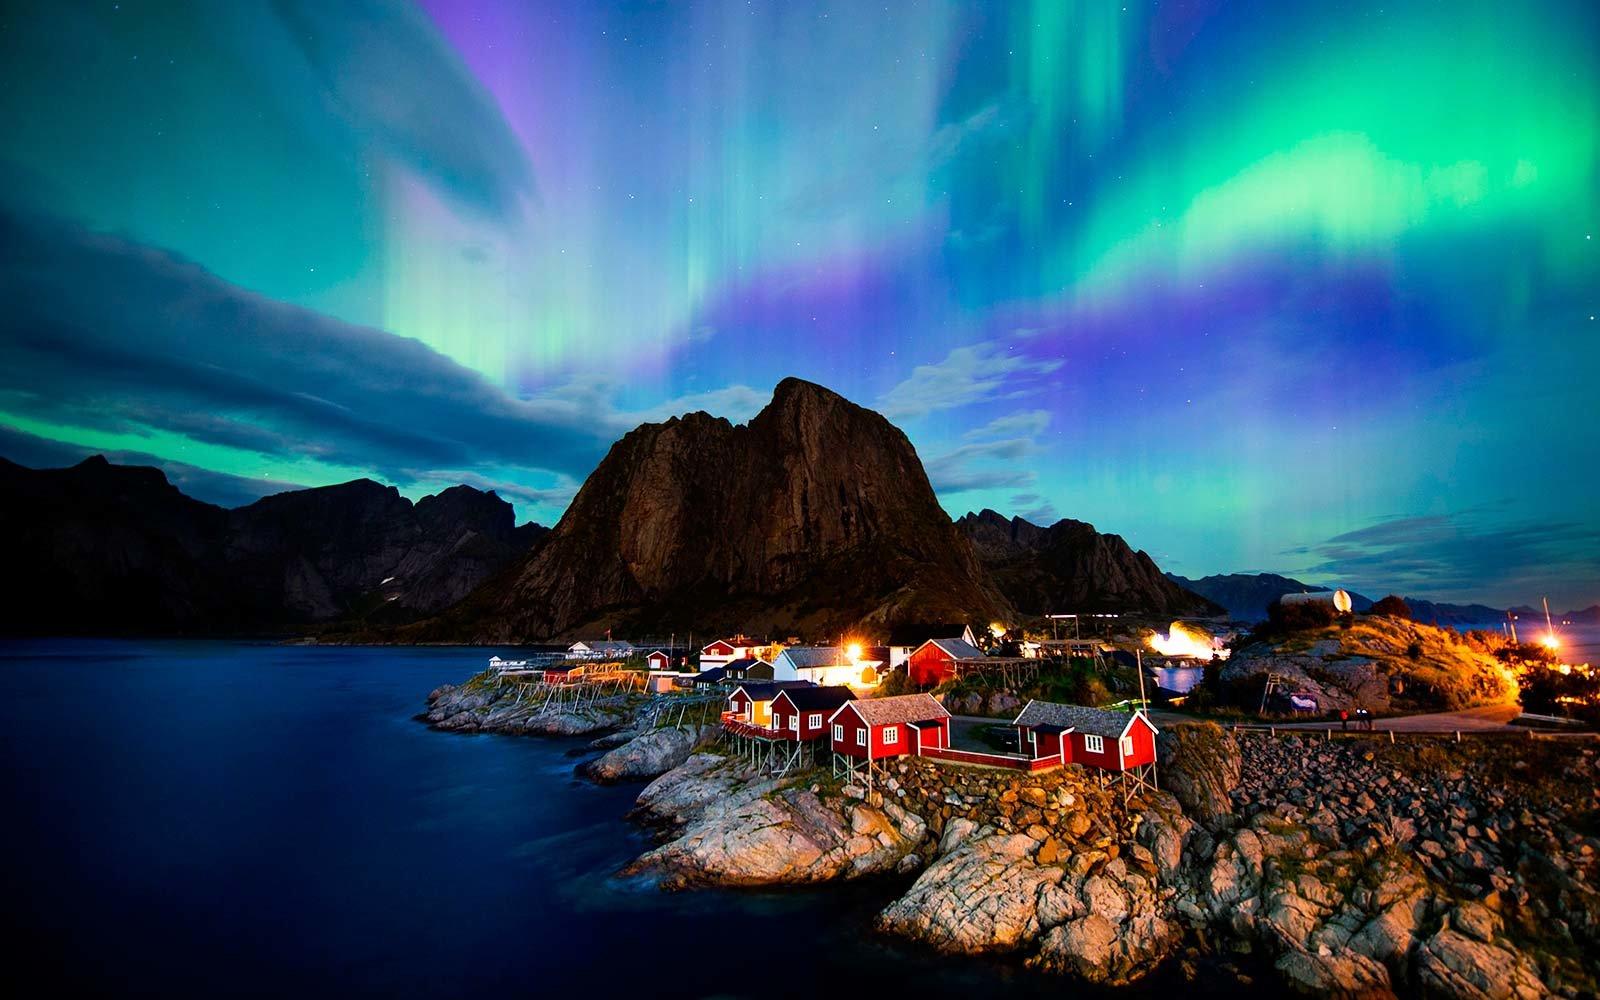 NORWAY-NATURE-ARCTIC-AURORA-BOREALIS